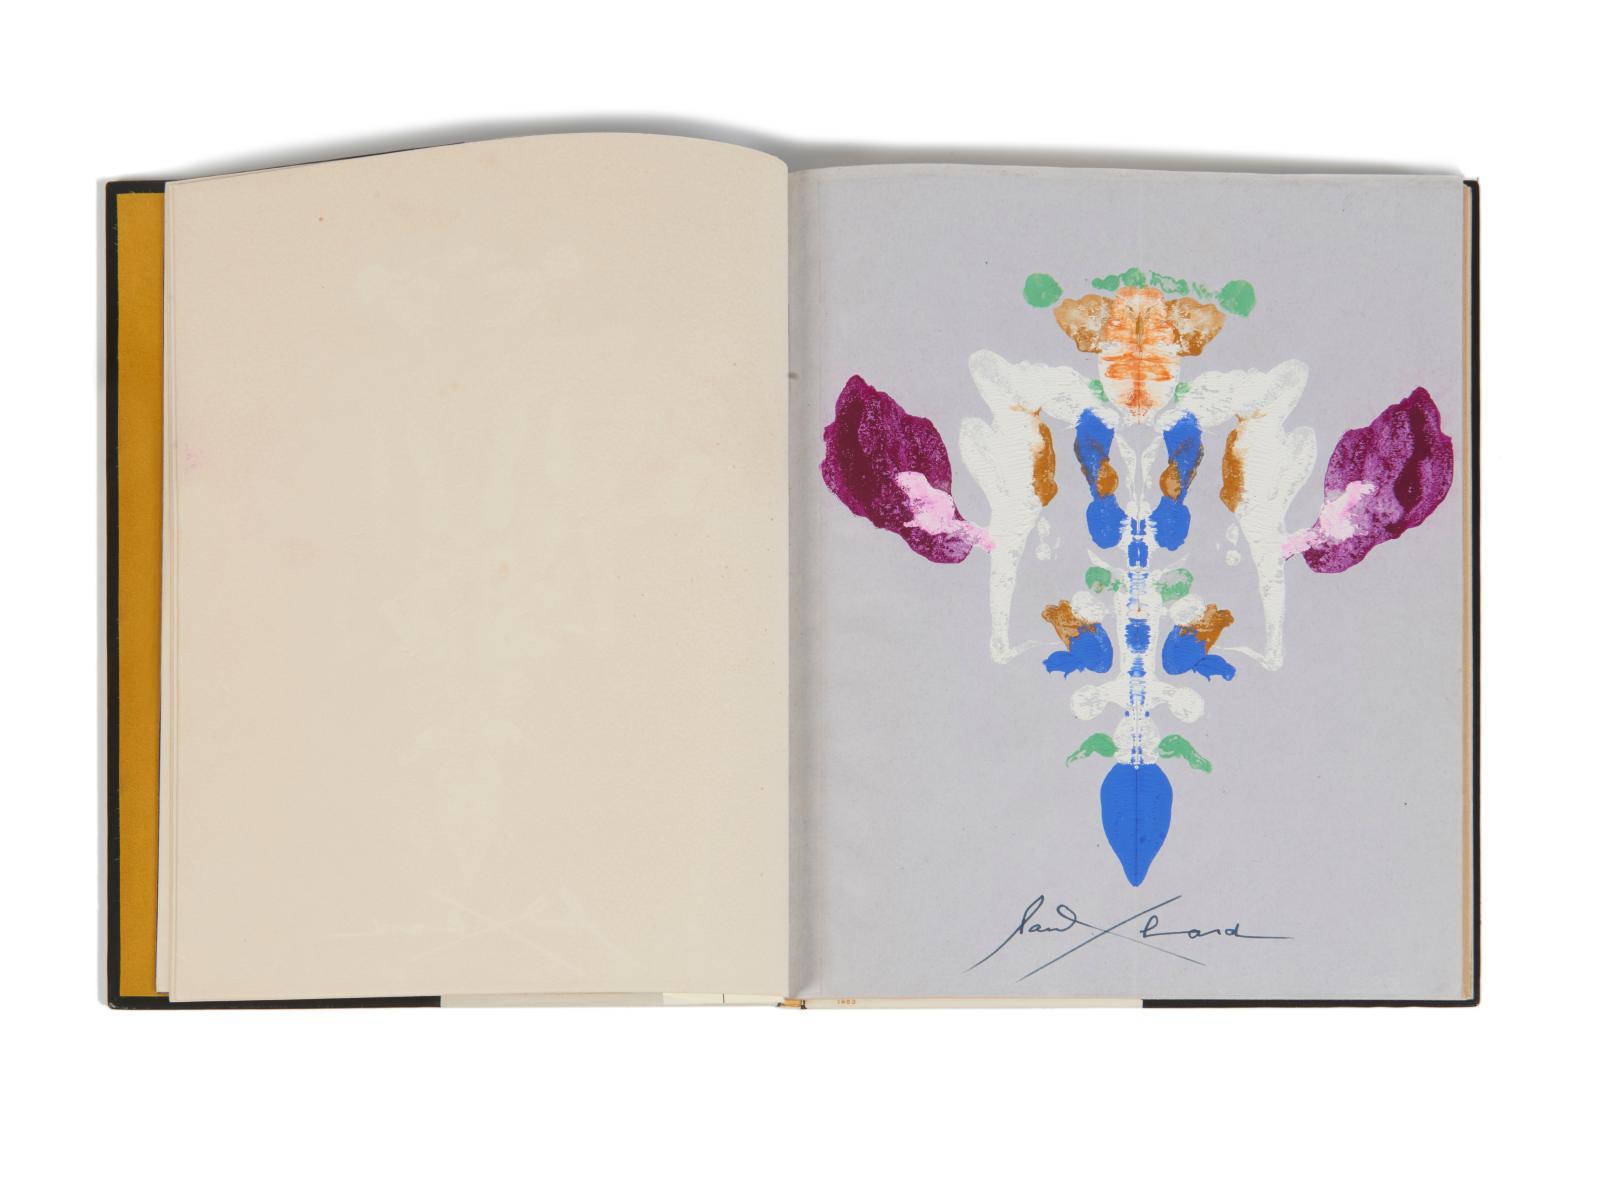 Paul Éluard(1895-1952), Le Livre ouvertIII, manuscrit autographe avec gouaches originales, vers 1944 reliure mosaïquée de Paul Bonet reproduite page